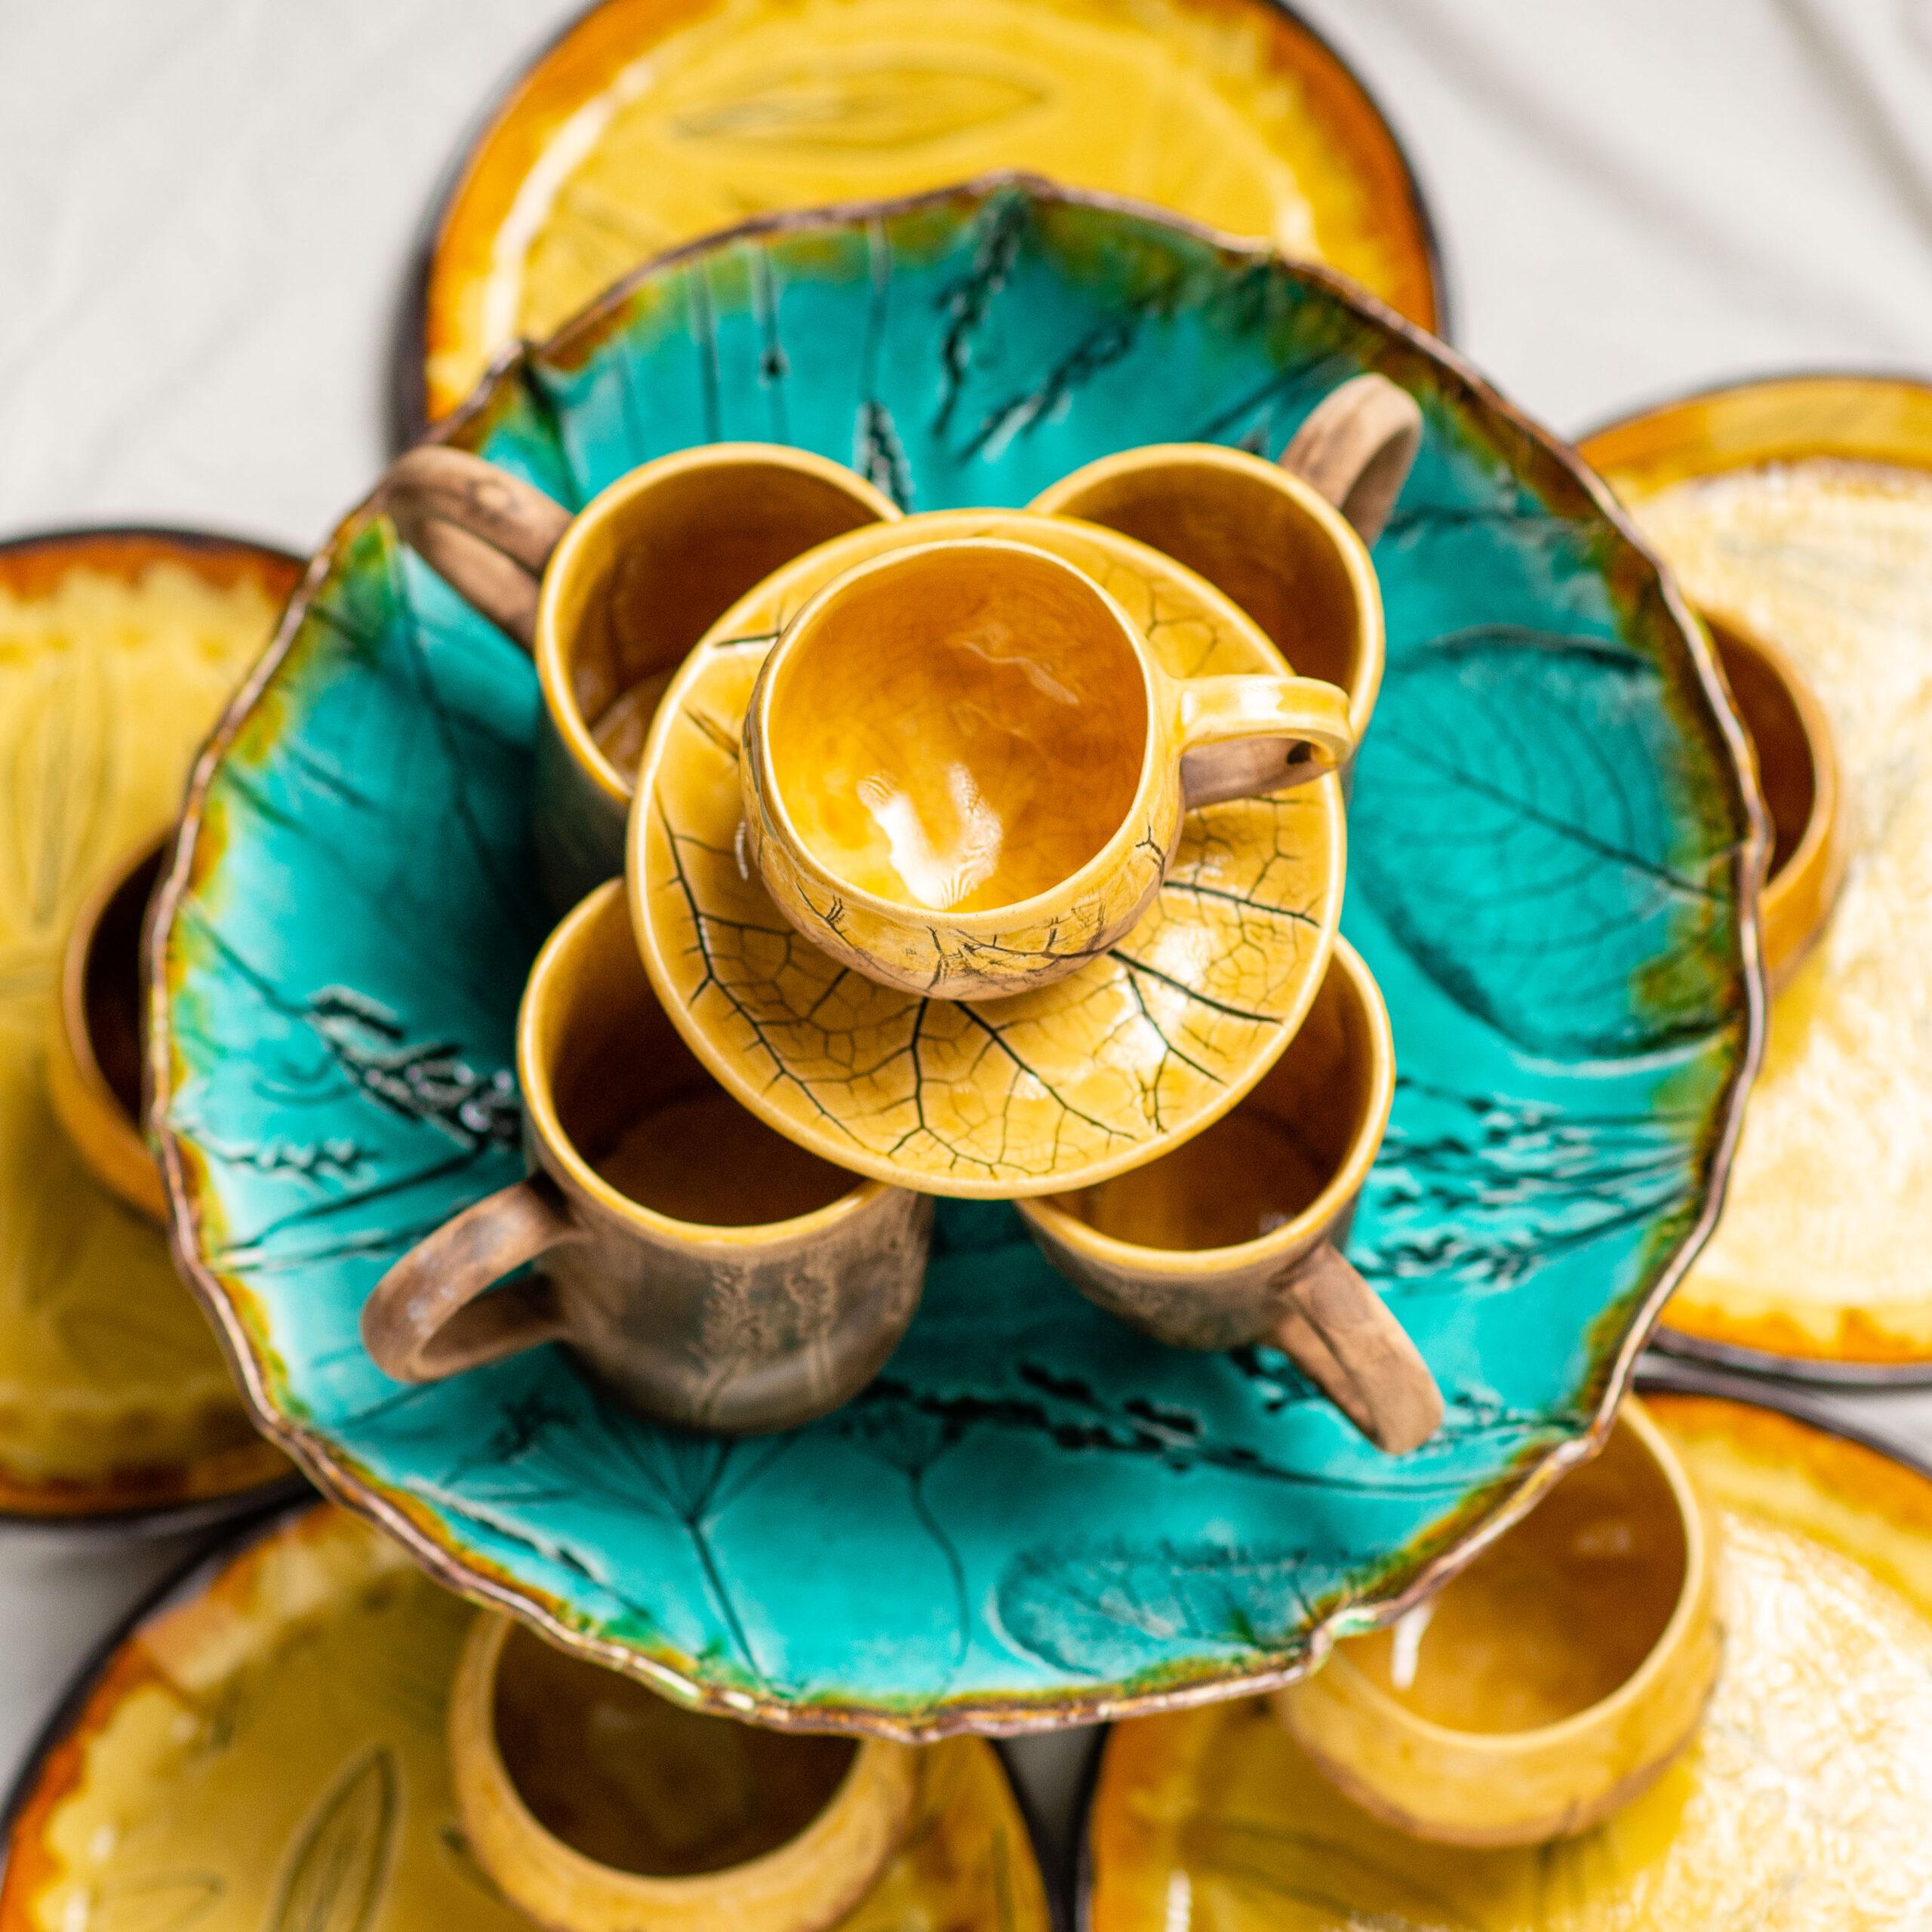 Види керамічного посуду